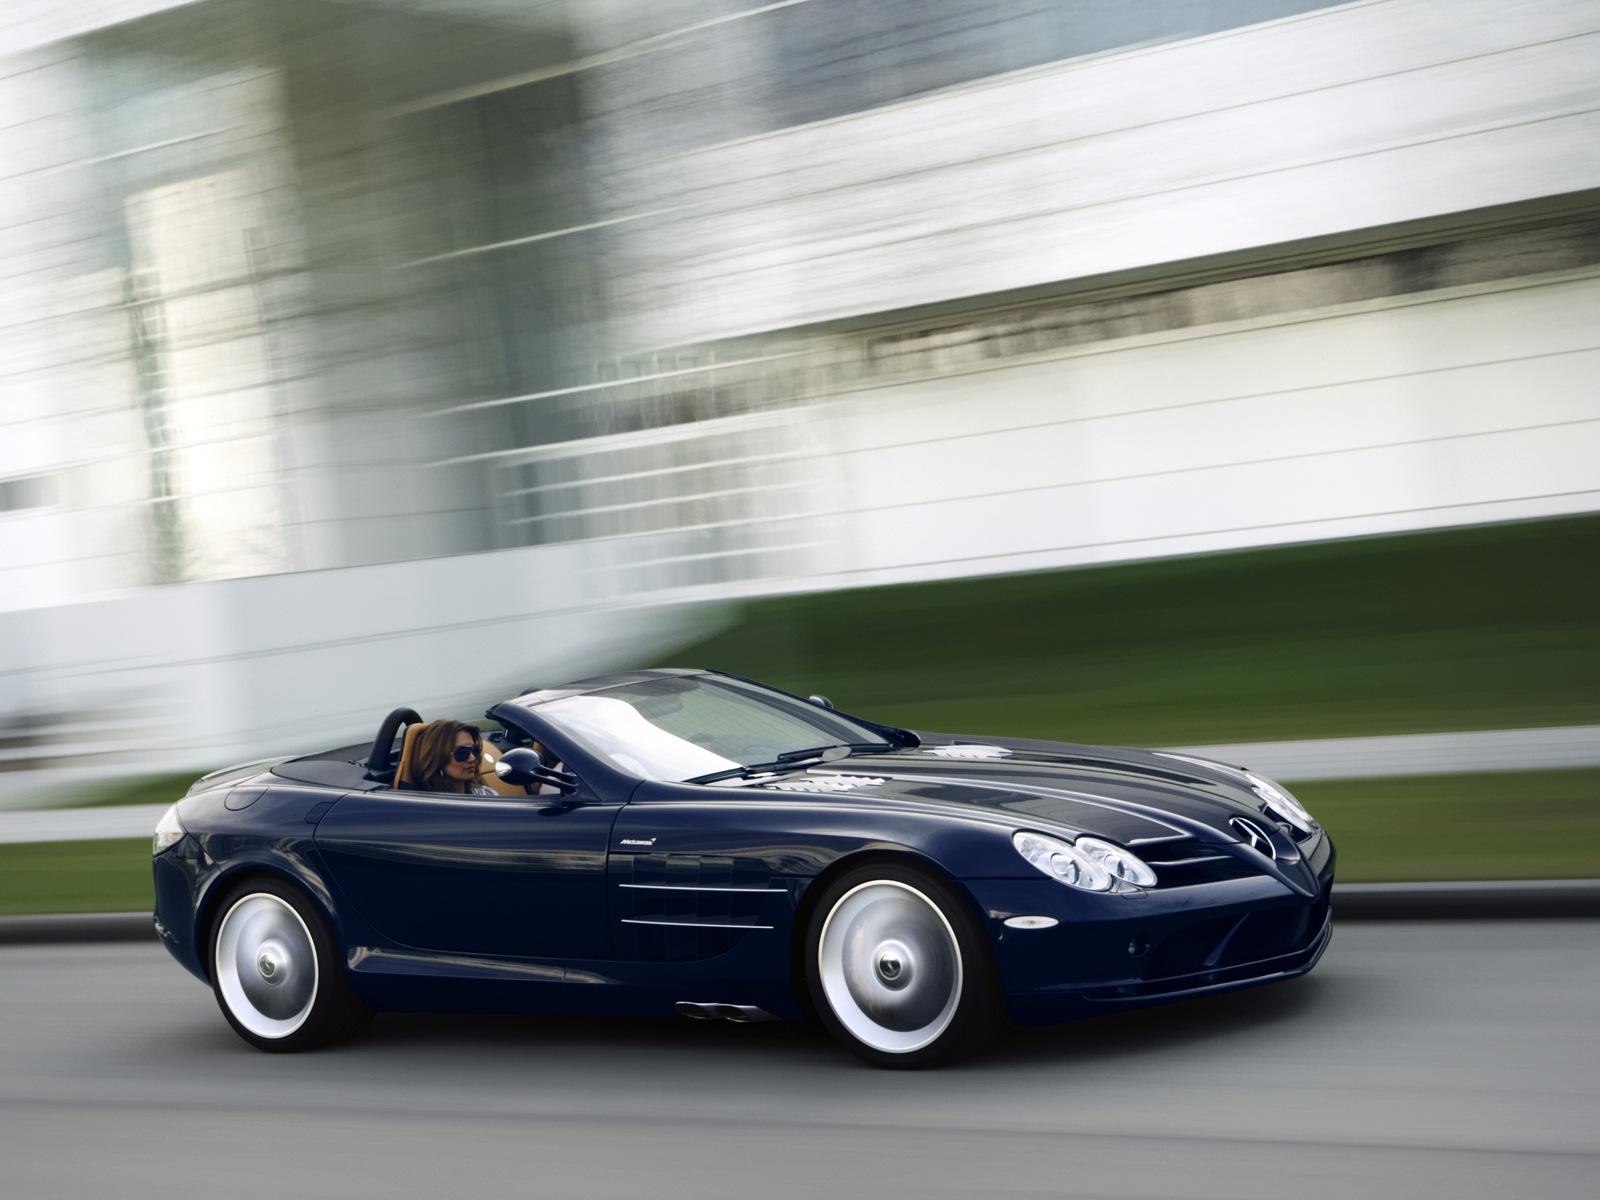 http://1.bp.blogspot.com/-jW4Azx-LJzU/TyGOF3da1OI/AAAAAAAAADE/D9HSWIYFM_g/s1600/Mercedes-McLaren-SLR-Roadster-HD-wallpaper-1600x1200+(1).jpg